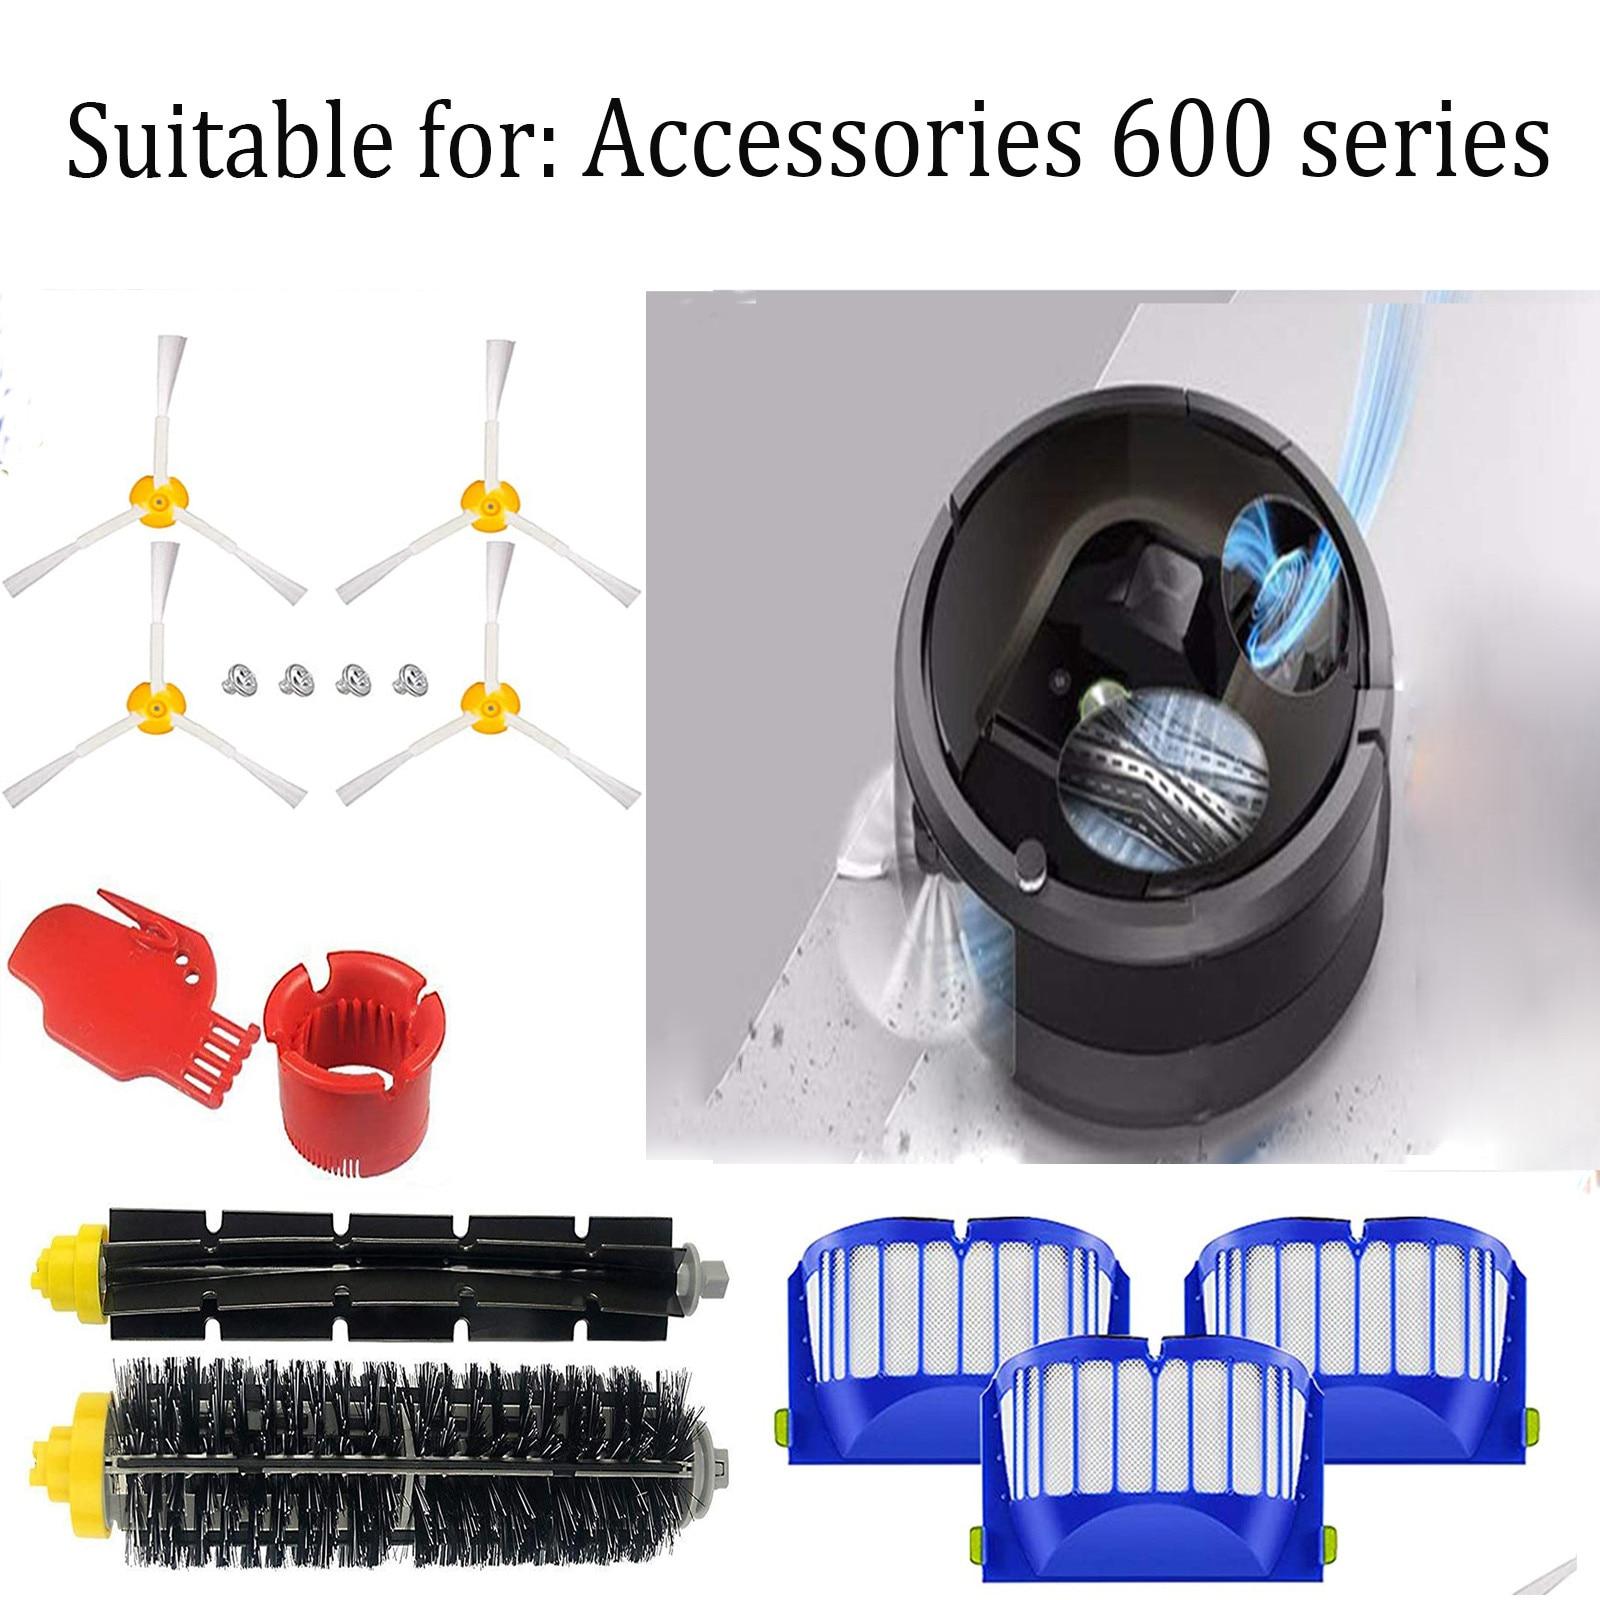 Piezas de repuesto para aspiradora Irobot R00mba, Accesorios para Robot aspirador, Accesorios...